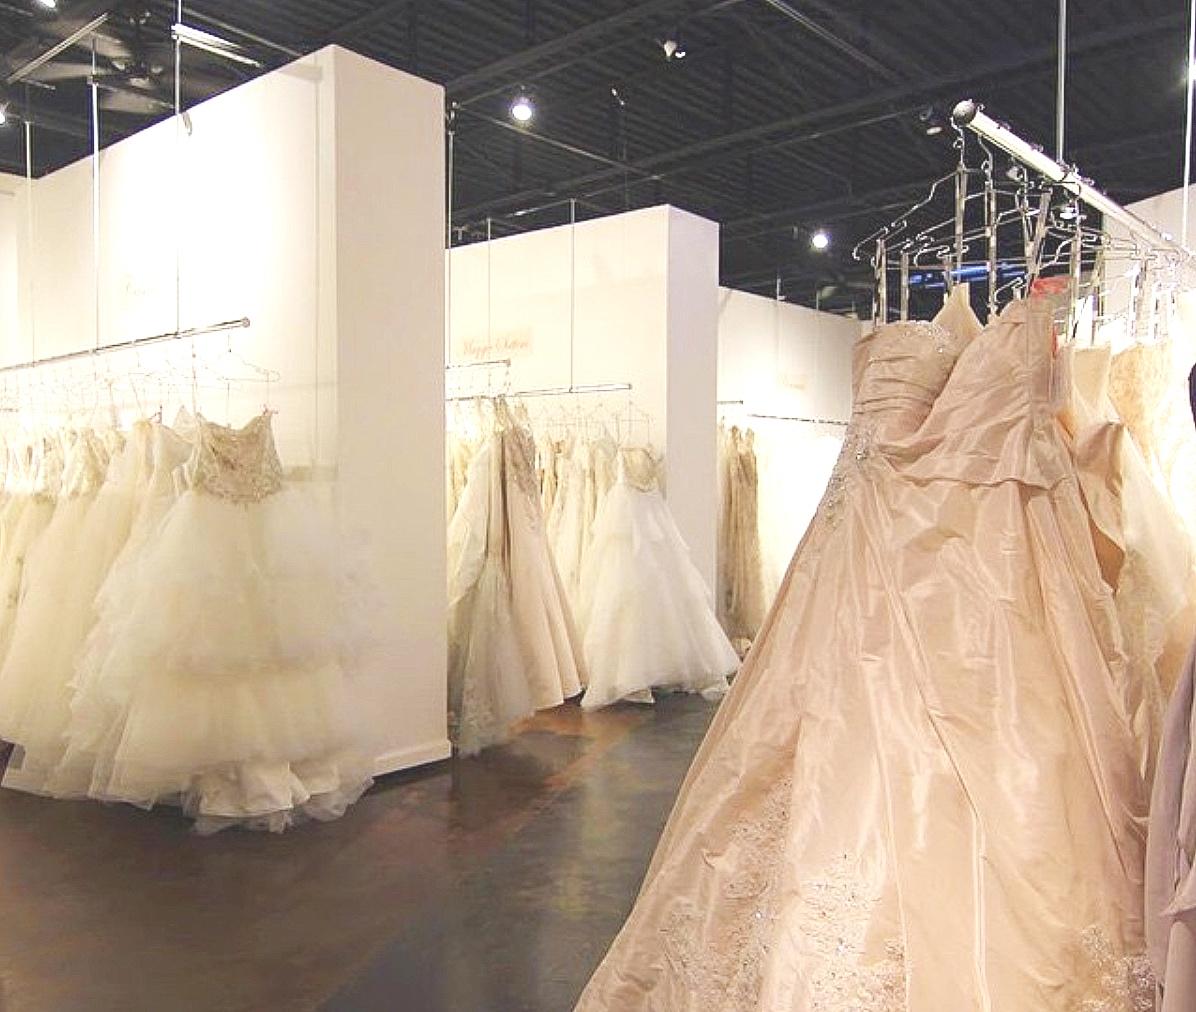 photo courtesy of Lulu's Bridal